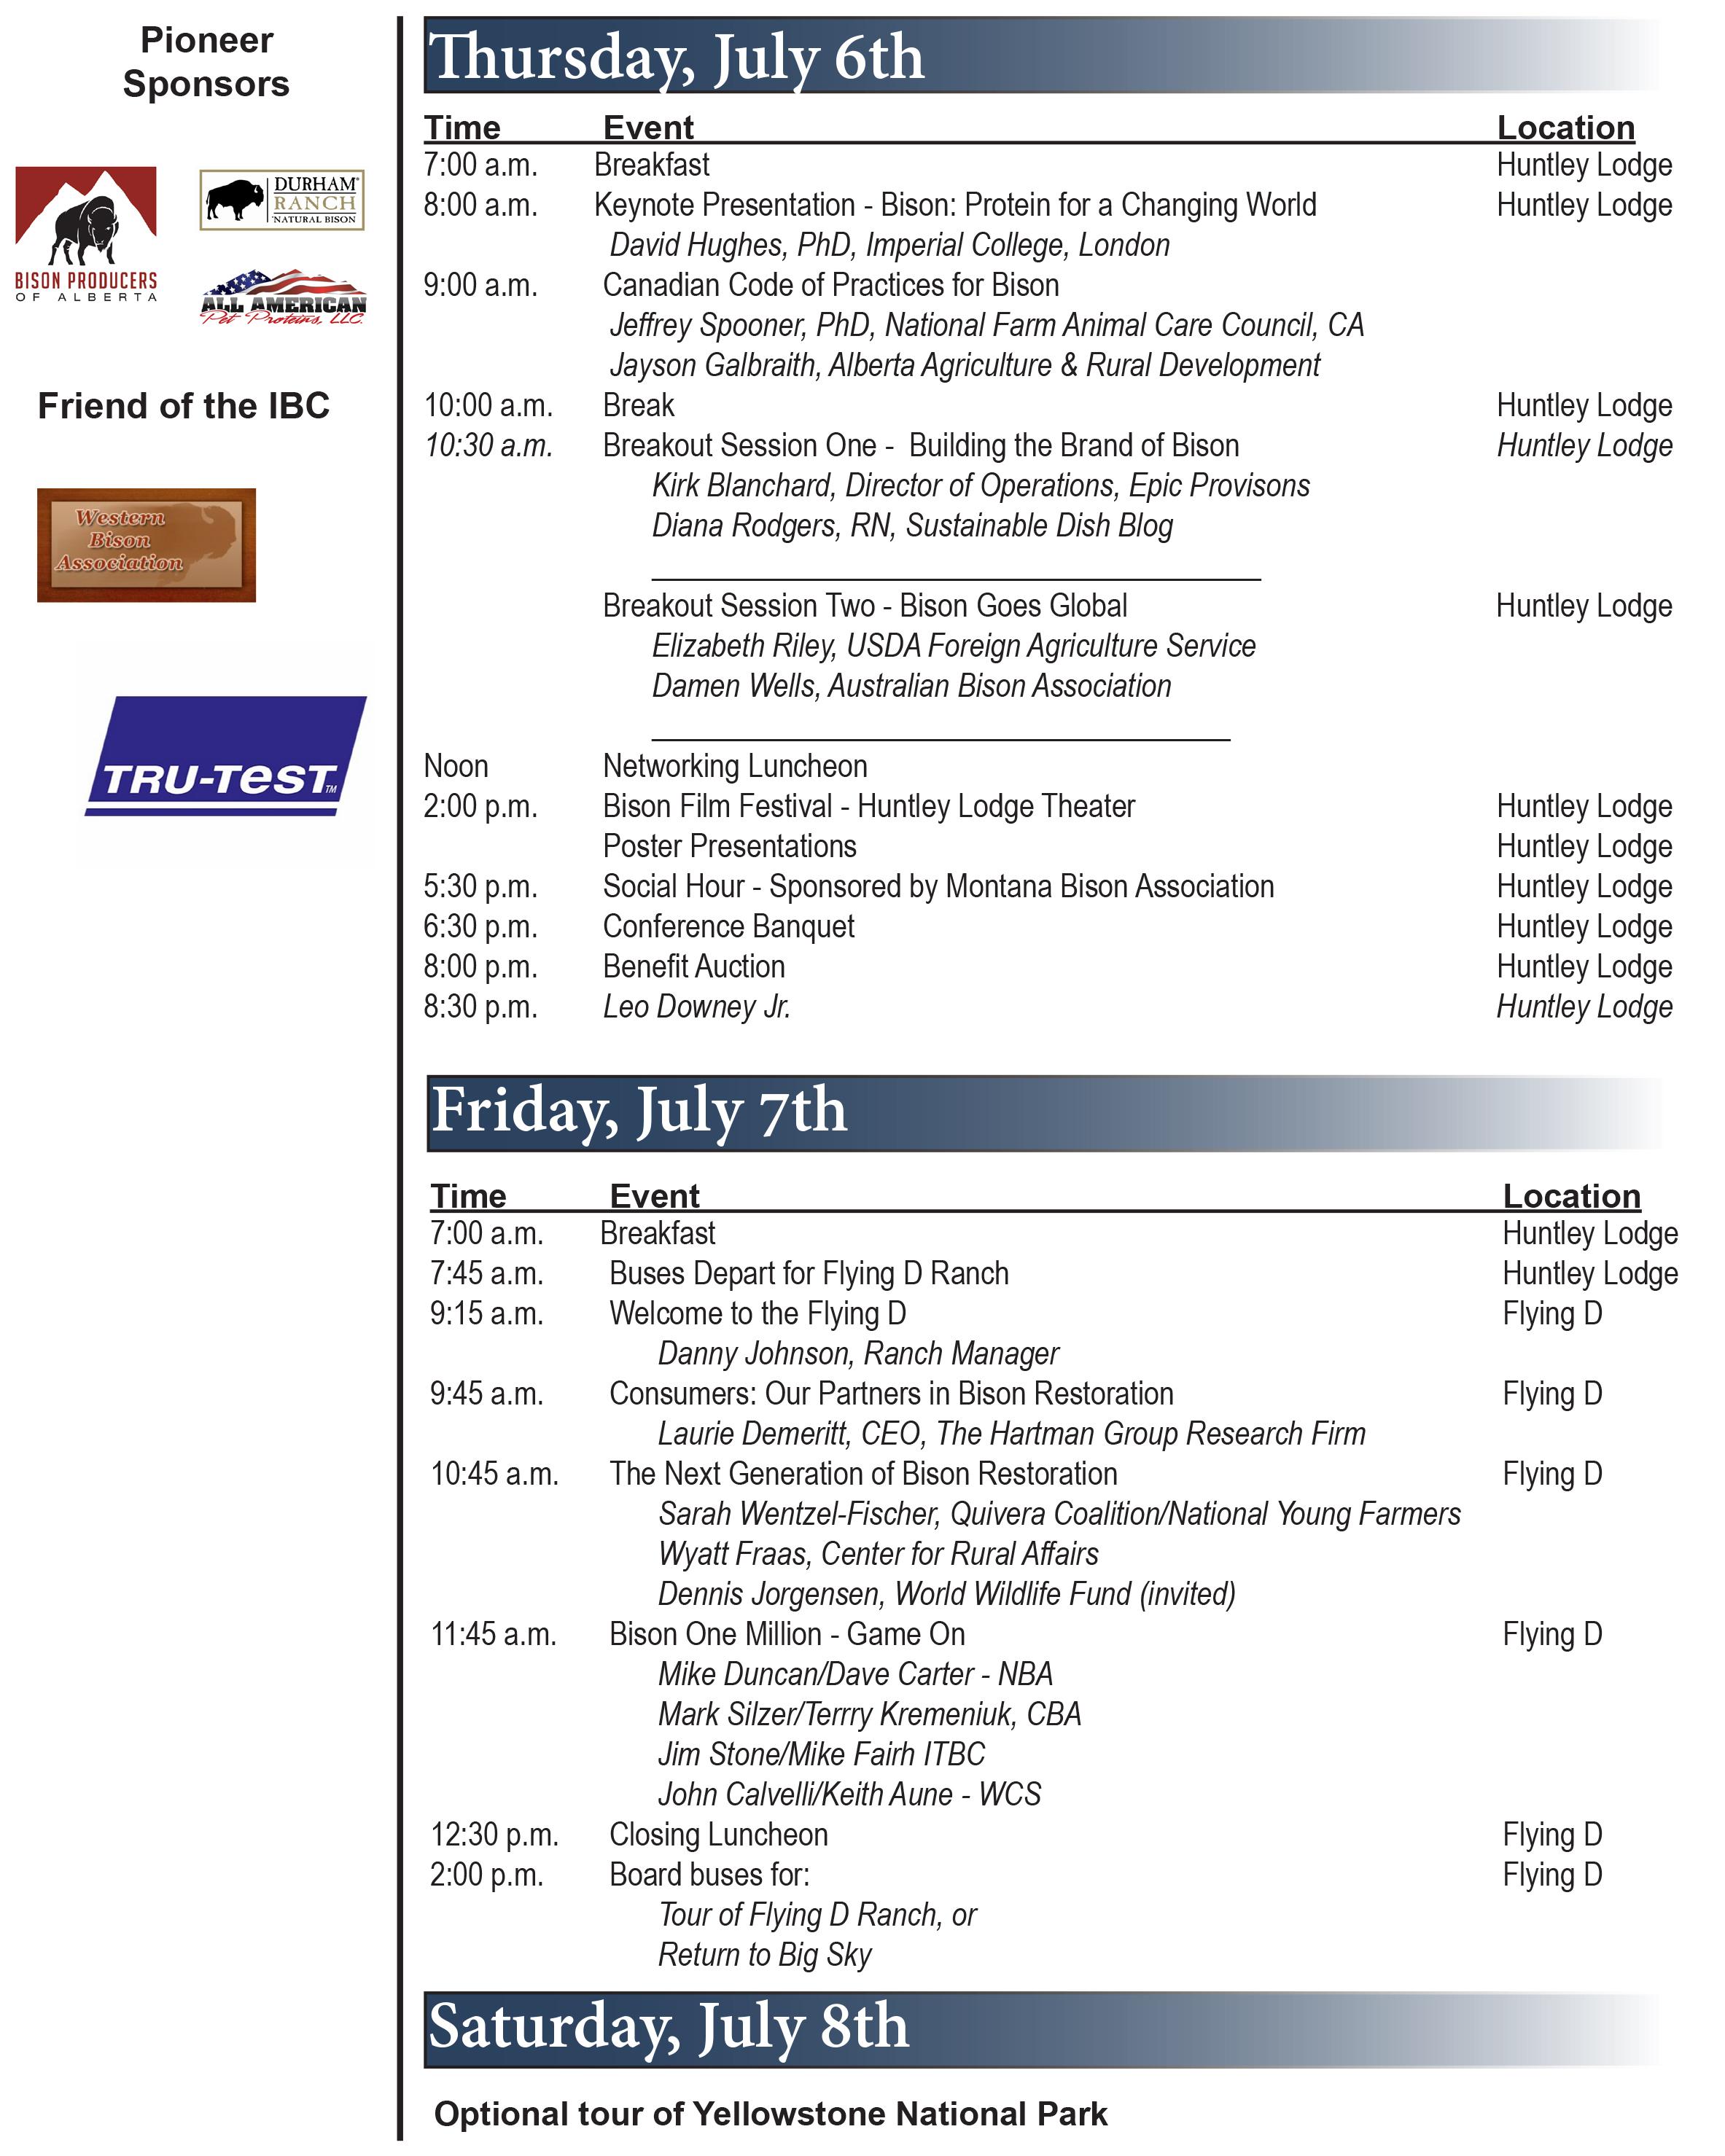 2017 International Bison Conference - National Bison Association